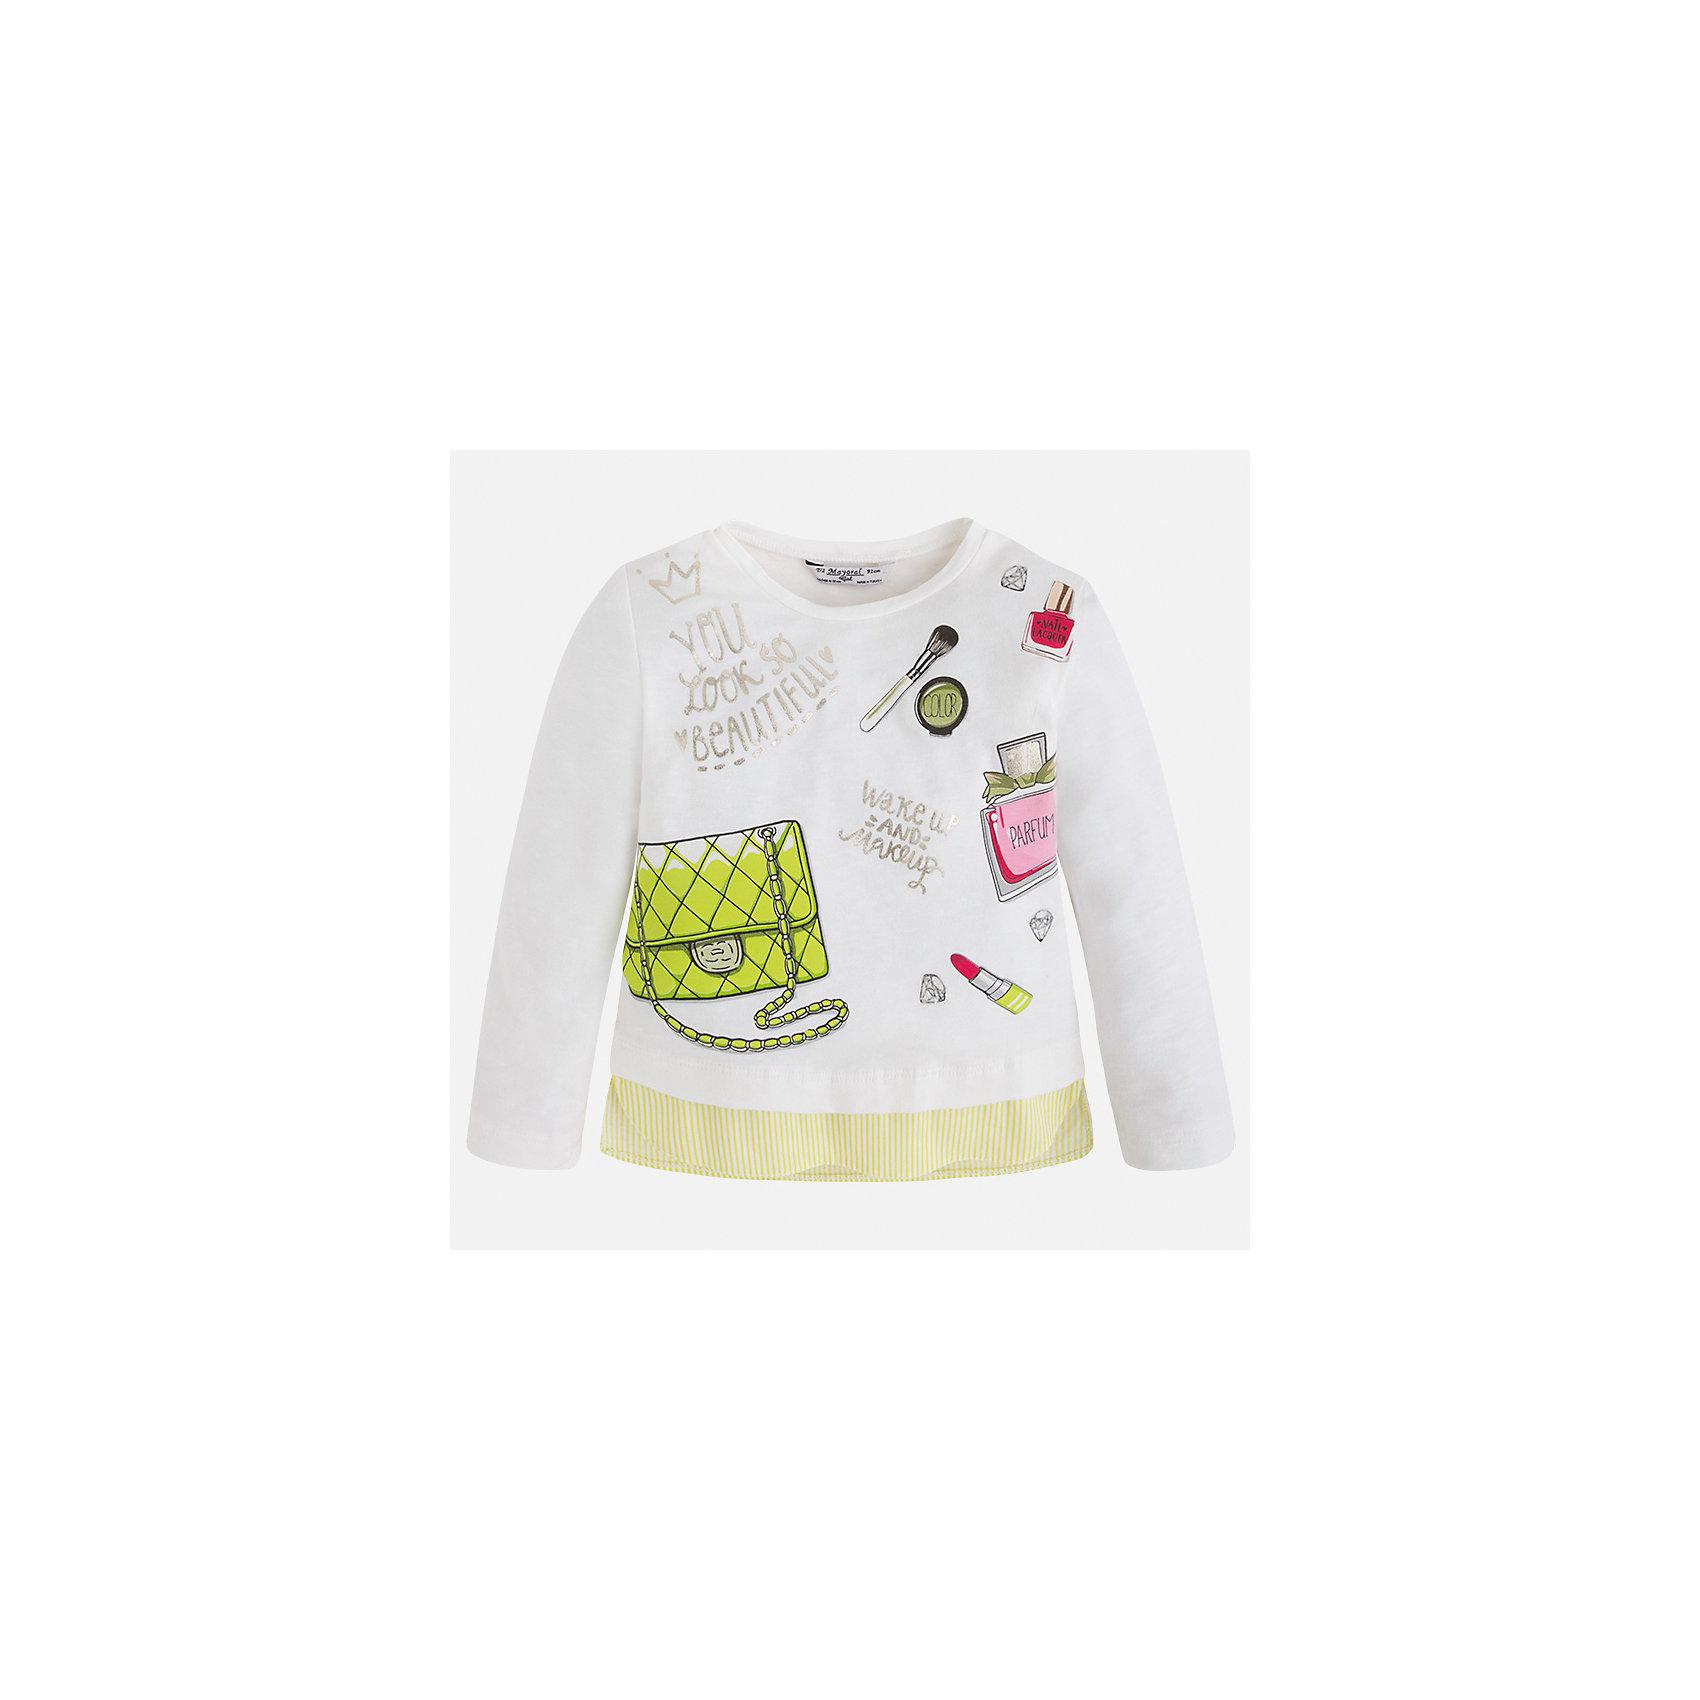 Футболка с длинным рукавом для девочки MayoralХарактеристики товара:<br><br>• цвет: белый<br>• состав: 48% вискоза, 47% хлопок, 5% эластан<br>• плотный материал<br>• декорирована принтом<br>• длинные рукава<br>• округлый горловой вырез<br>• страна бренда: Испания<br><br>Модная качественная футболка для девочки поможет разнообразить гардероб ребенка и украсить наряд. Она отлично сочетается и с юбками, и с брюками. Универсальный цвет позволяет подобрать к вещи низ практически любой расцветки. Интересная отделка модели делает её нарядной и оригинальной. В составе материала - натуральный хлопок, гипоаллергенный, приятный на ощупь, дышащий.<br><br>Одежда, обувь и аксессуары от испанского бренда Mayoral полюбились детям и взрослым по всему миру. Модели этой марки - стильные и удобные. Для их производства используются только безопасные, качественные материалы и фурнитура. Порадуйте ребенка модными и красивыми вещами от Mayoral! <br><br>Футболку с длинным рукавом для девочки от испанского бренда Mayoral (Майорал) можно купить в нашем интернет-магазине.<br><br>Ширина мм: 230<br>Глубина мм: 40<br>Высота мм: 220<br>Вес г: 250<br>Цвет: зеленый<br>Возраст от месяцев: 60<br>Возраст до месяцев: 72<br>Пол: Женский<br>Возраст: Детский<br>Размер: 116,122,128,134,92,98,104,110<br>SKU: 5300345